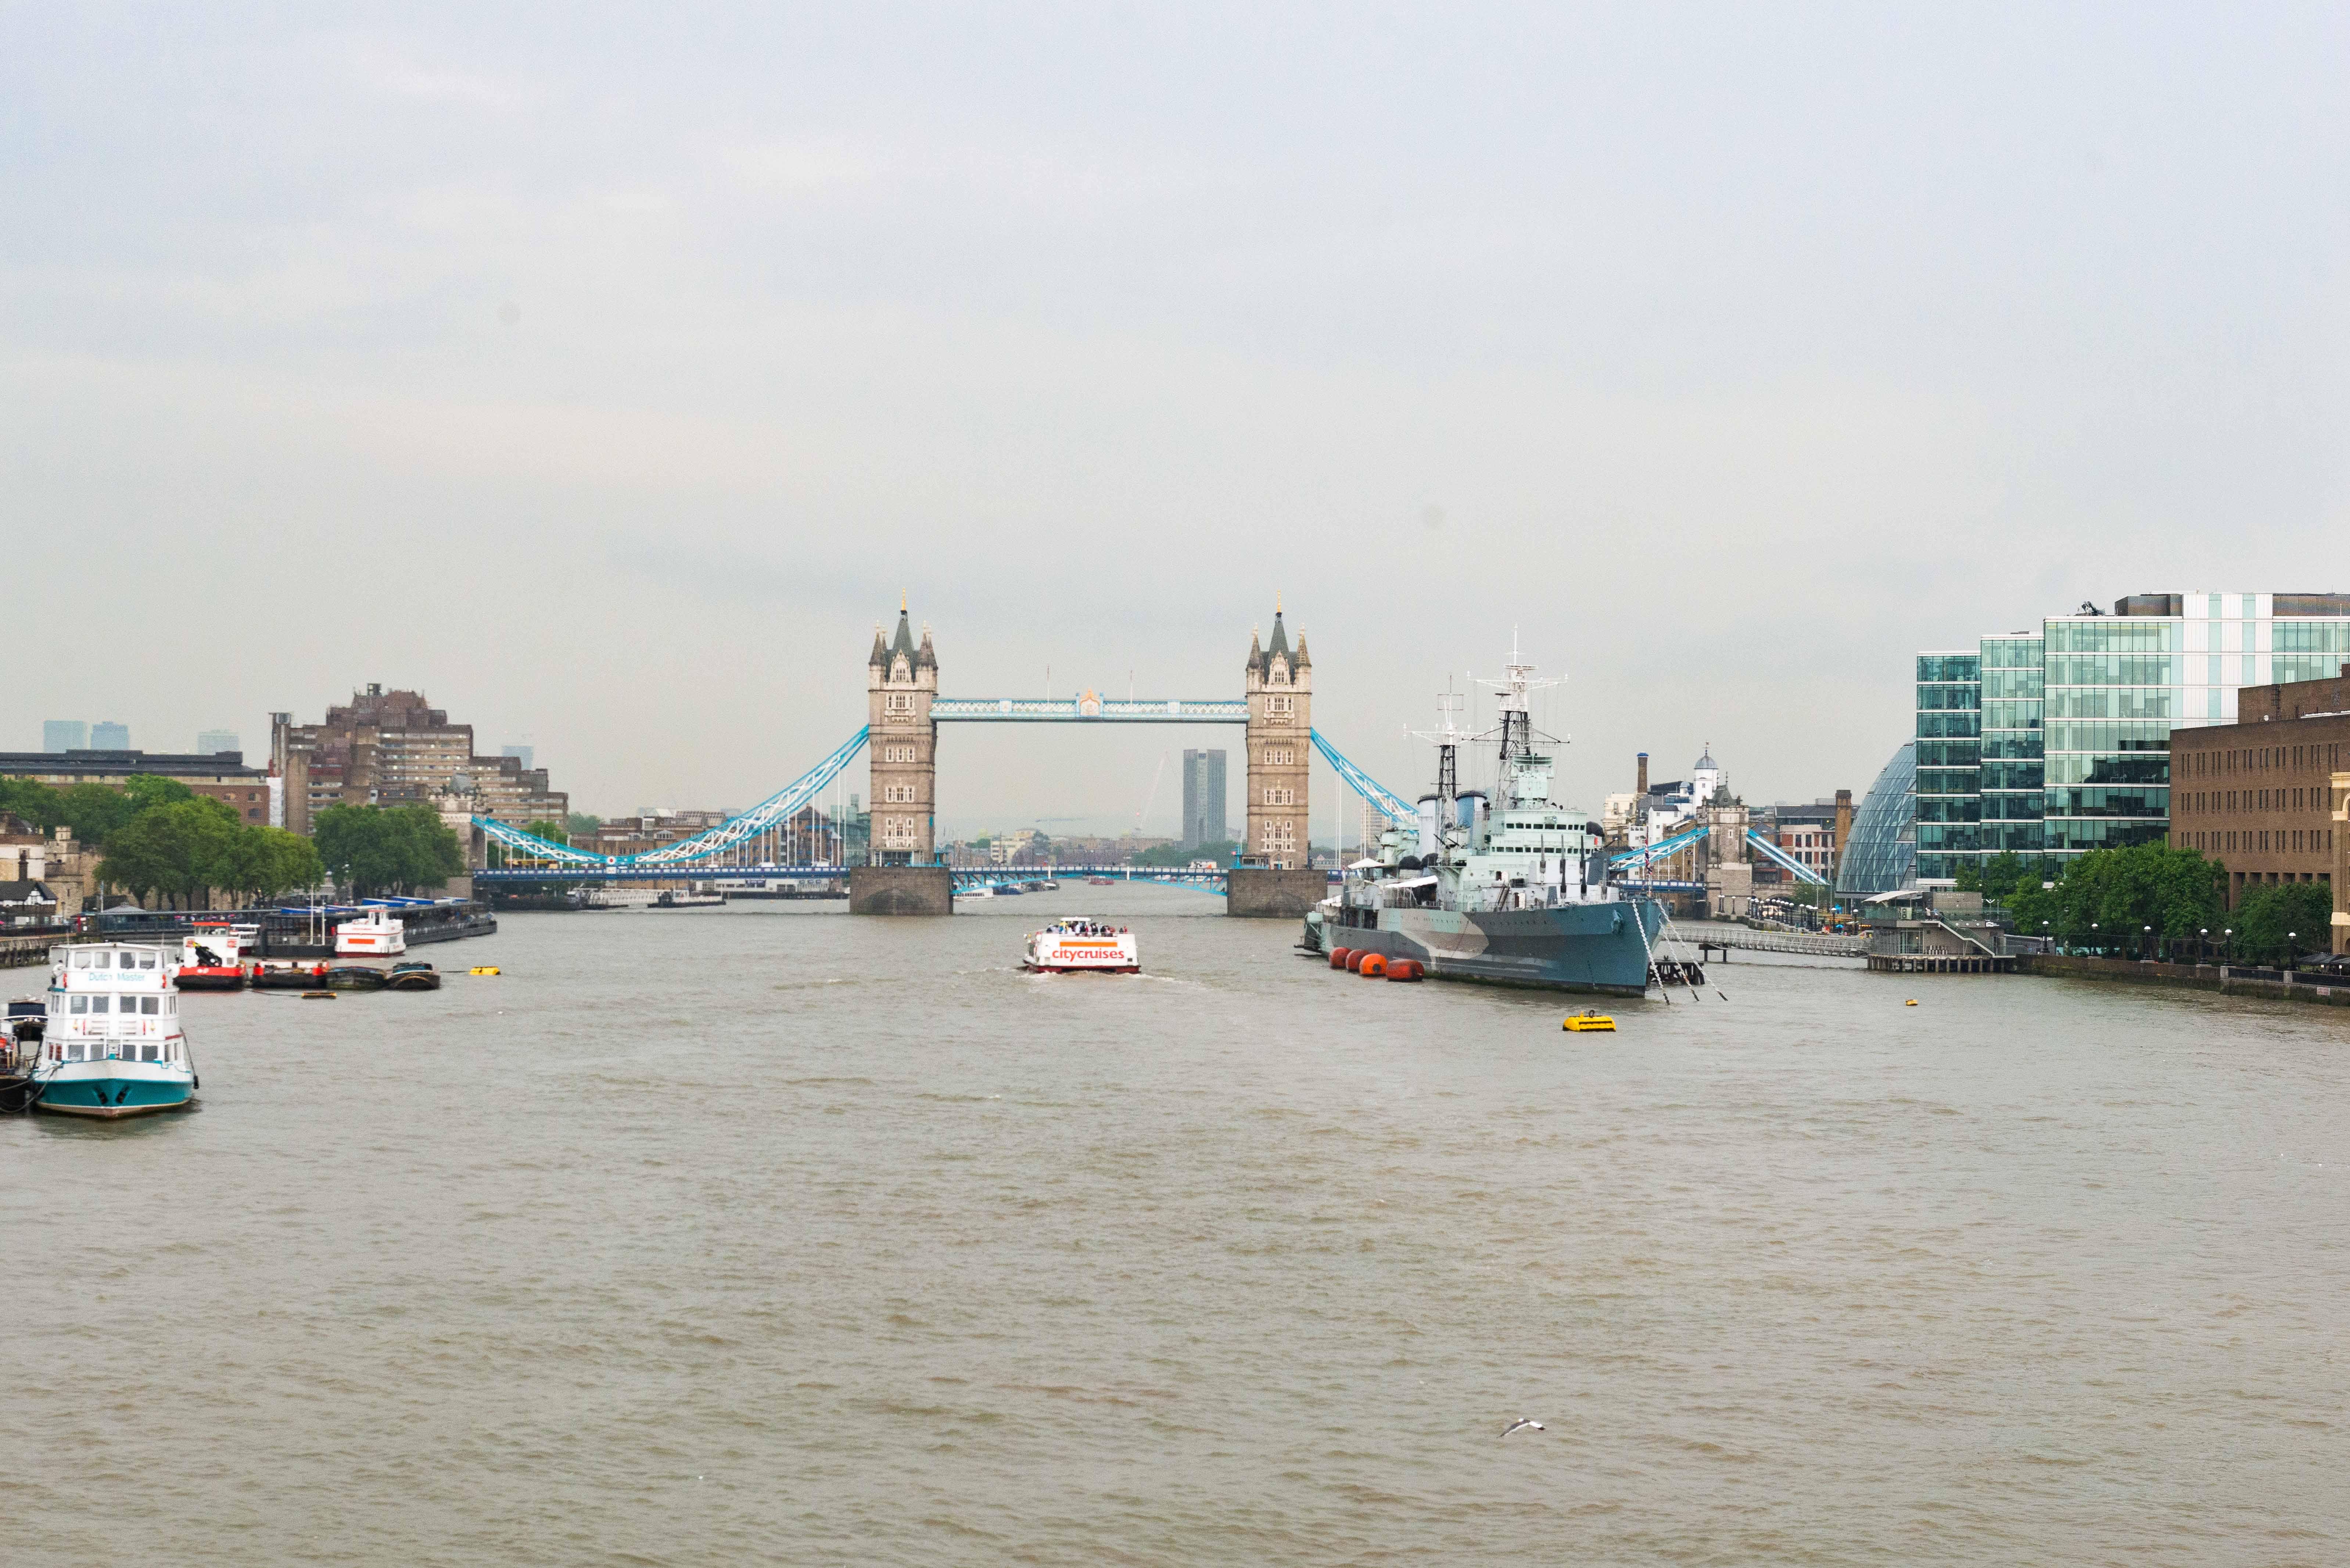 2016 (06) 07. -  17.51.51 _Etappe11_ Dover-London - DSLR Nikon D800